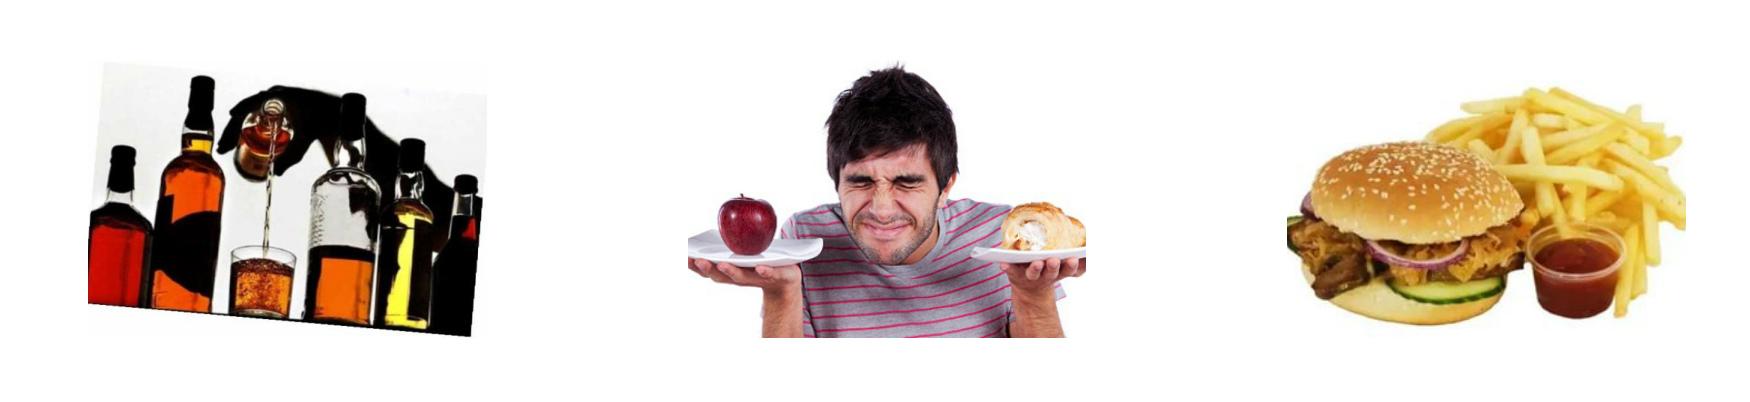 Причины повышенного сахара